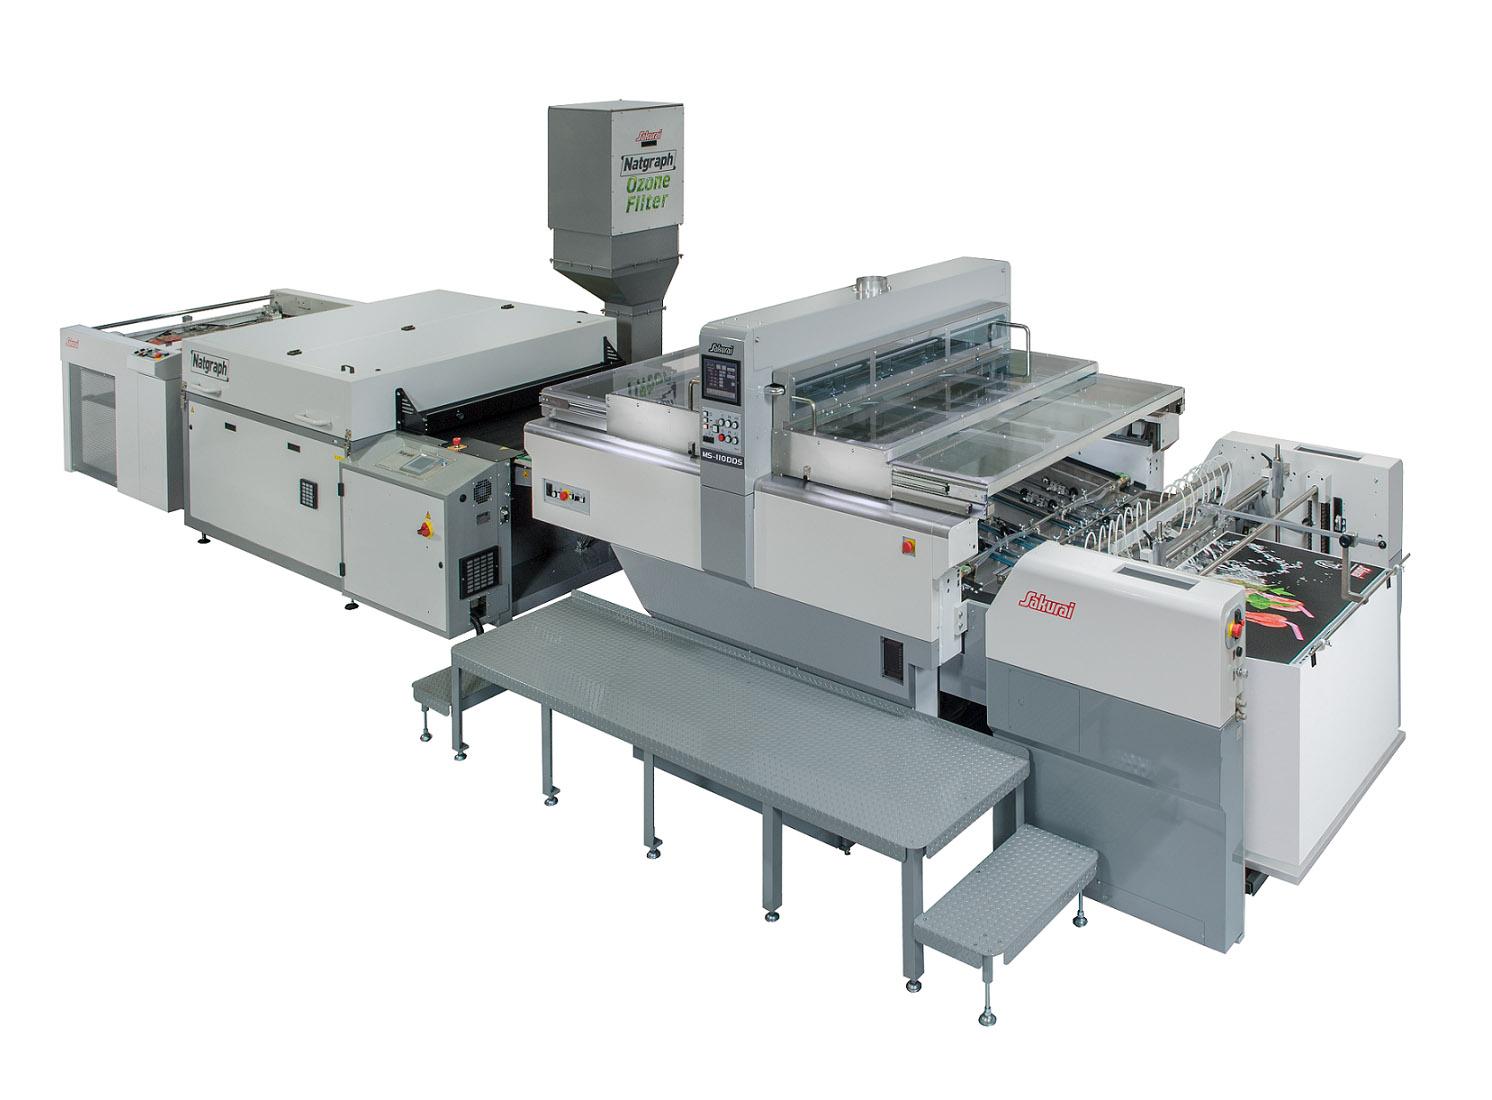 シリンダー型全自動スクリーン印刷機「MS-110DDS」